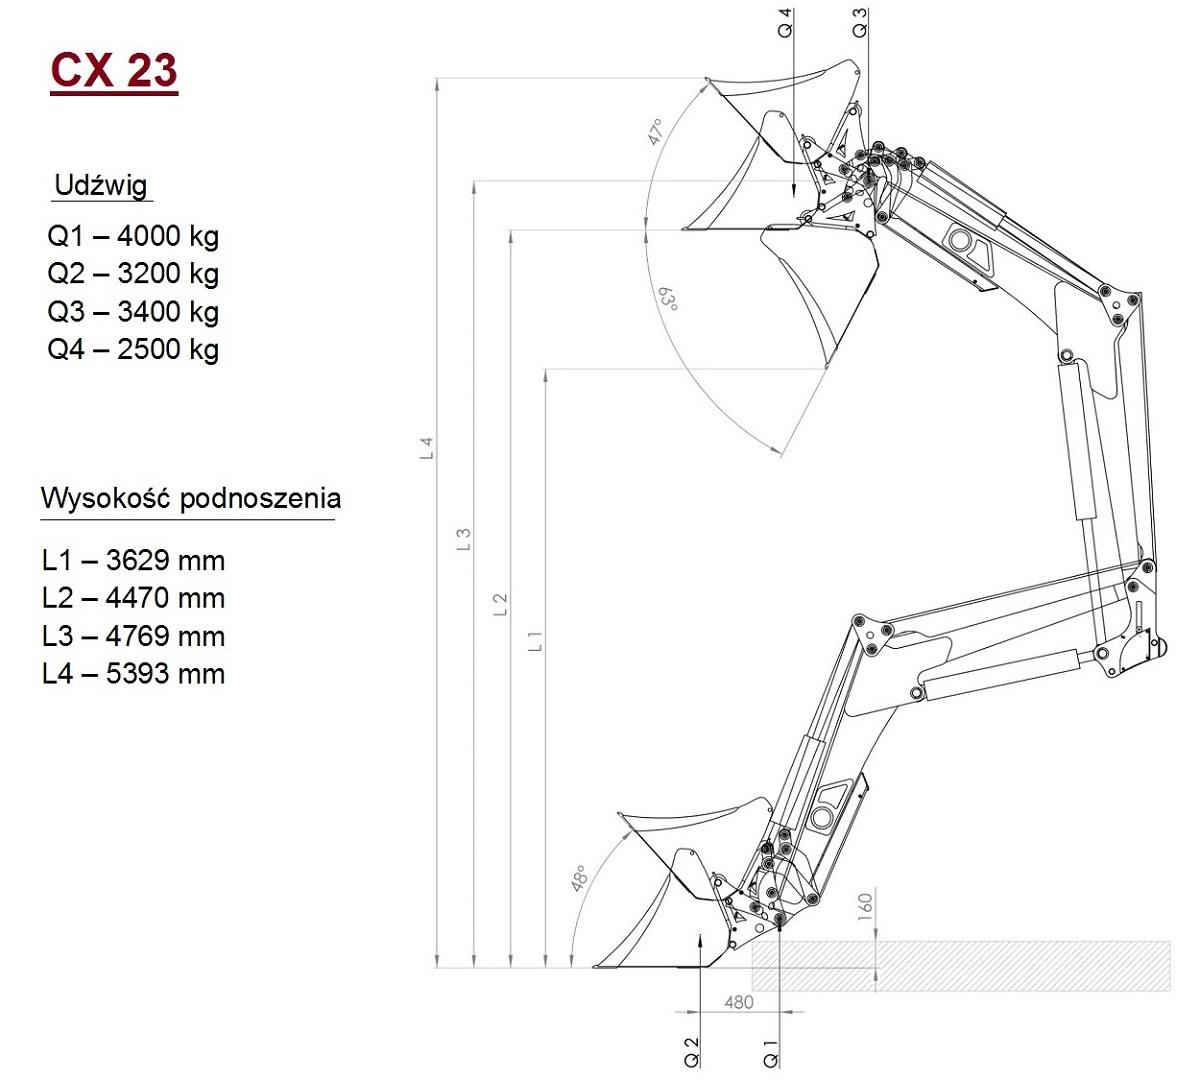 Robert Kinematyka CX-23_1200